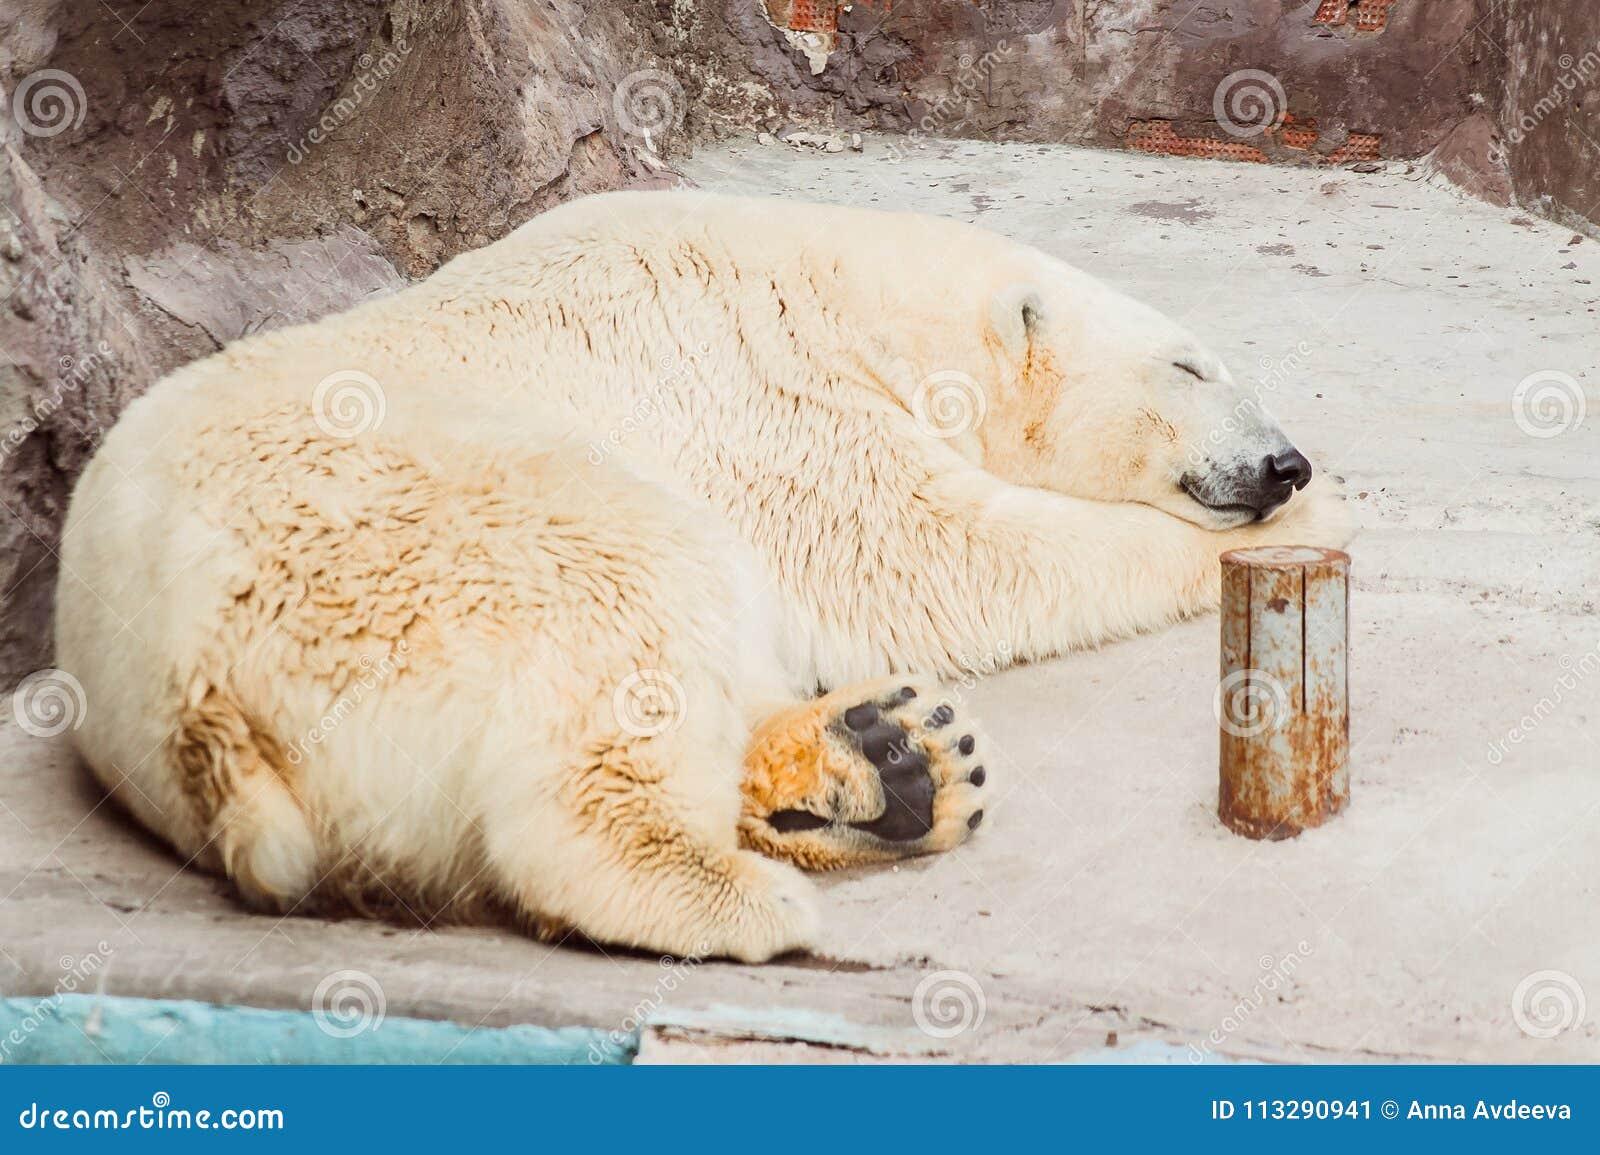 Полярный медведь спать в зоопарке